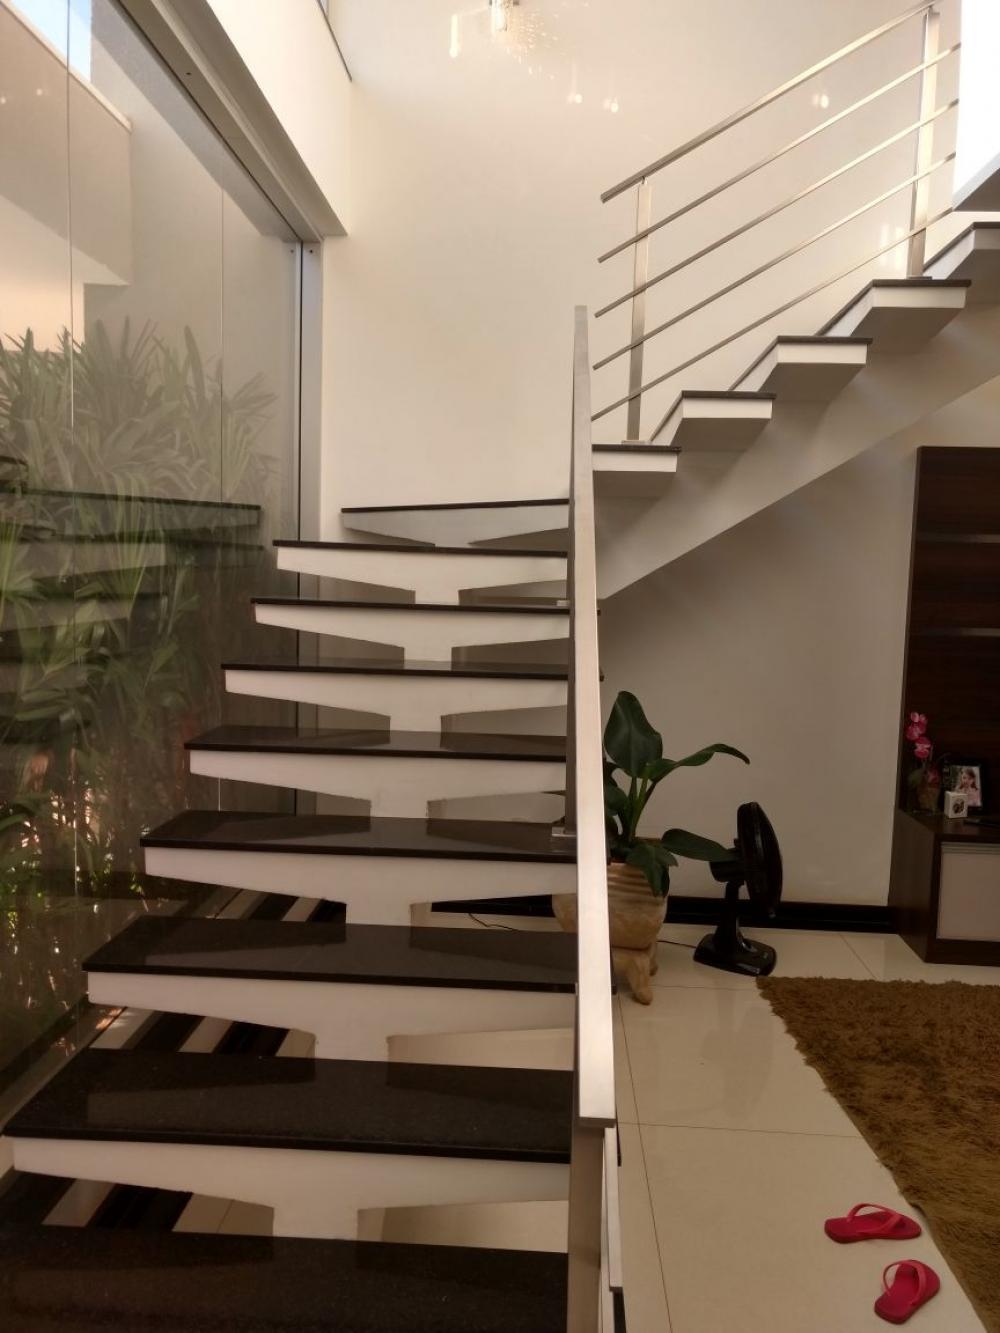 Comprar Casa / Condomínio em Mirassol apenas R$ 850.000,00 - Foto 10